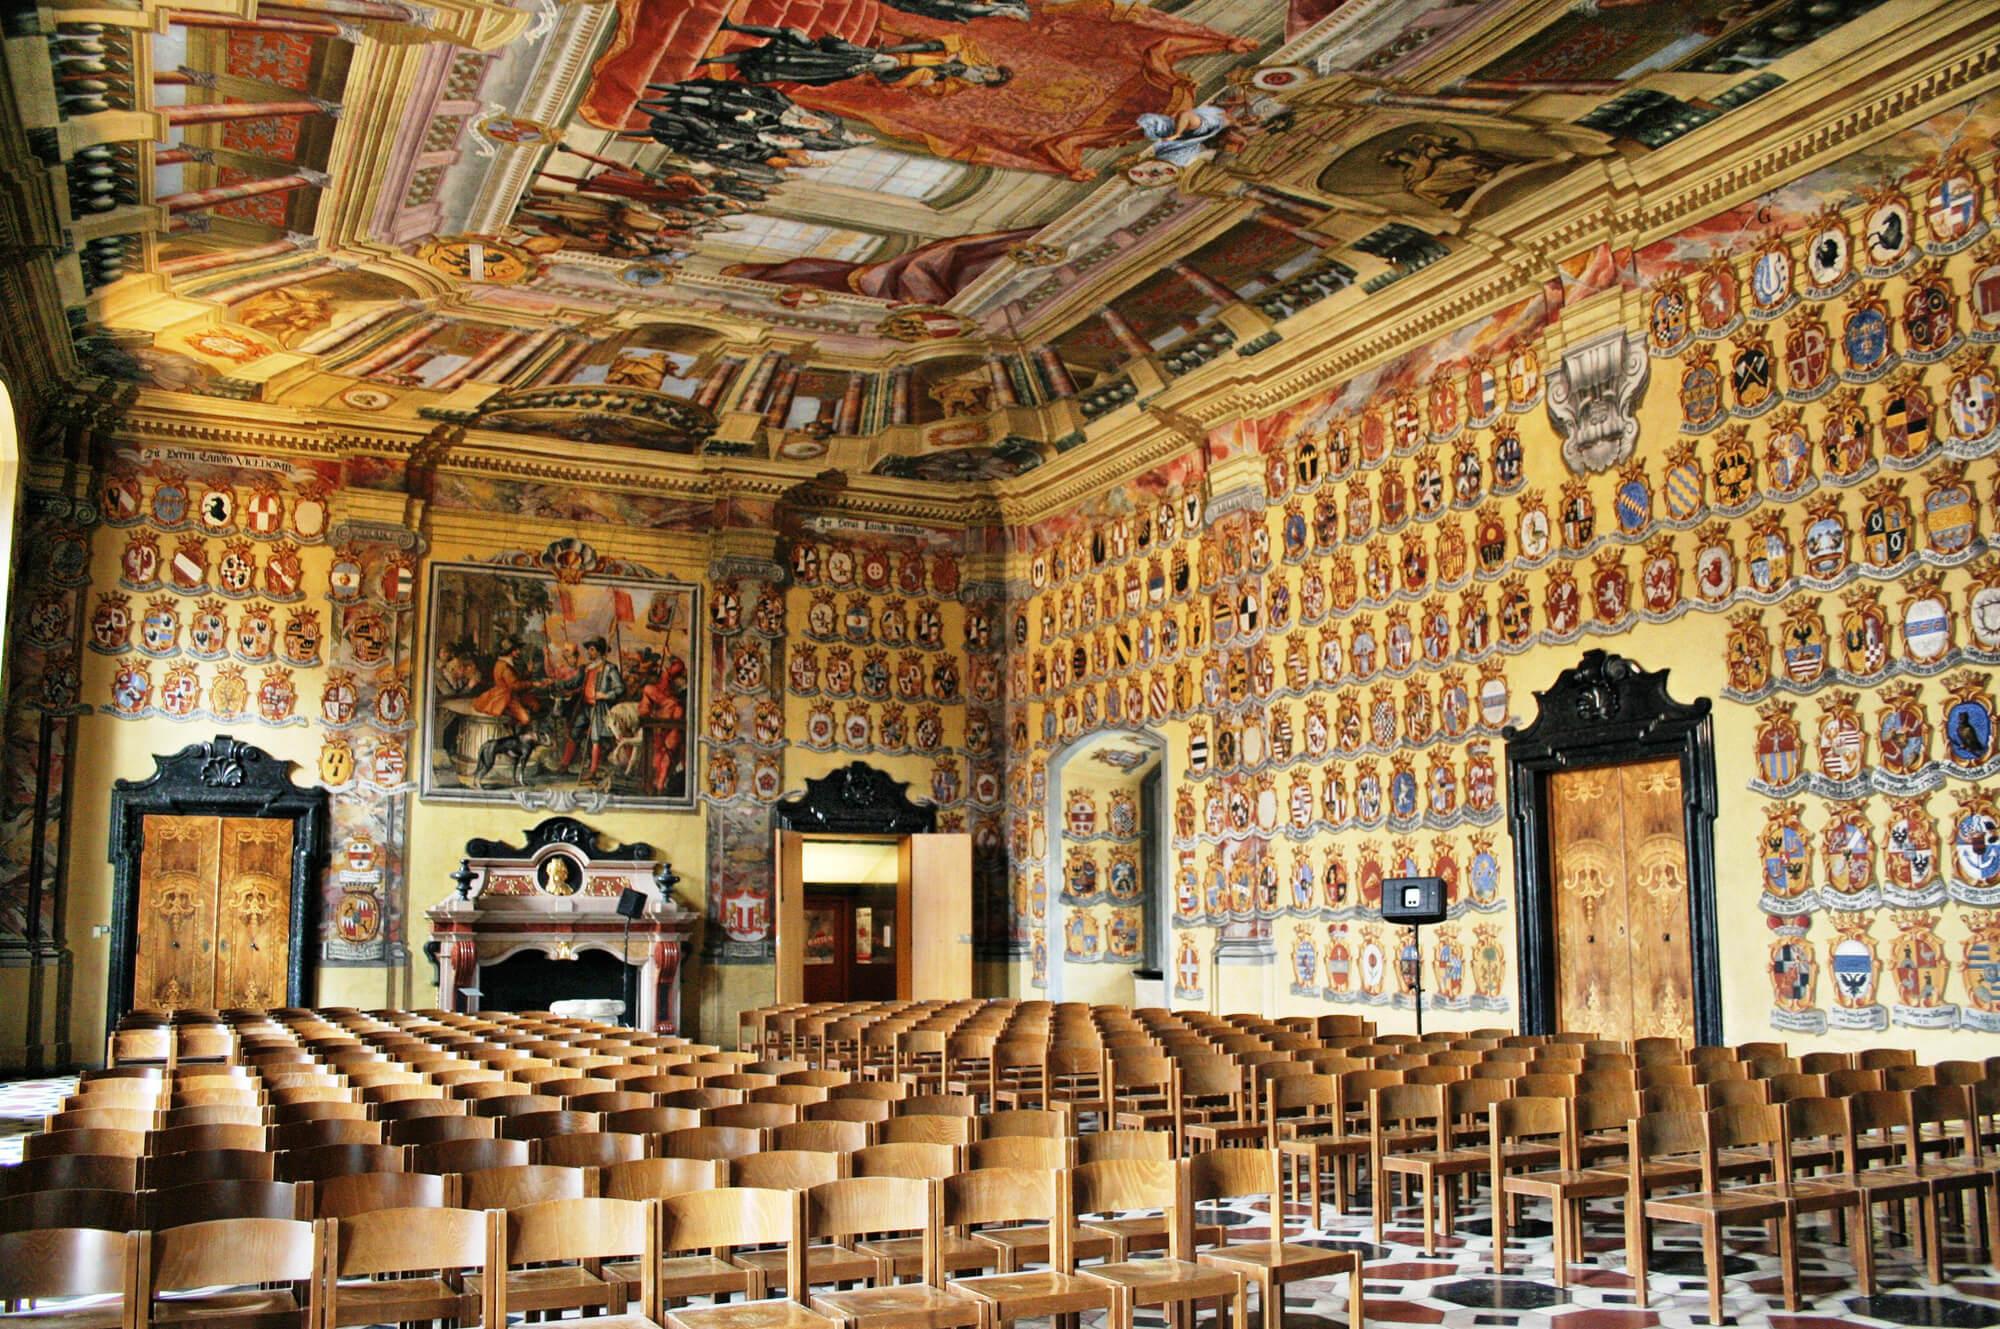 Интерьер и декорации большого гербового зала